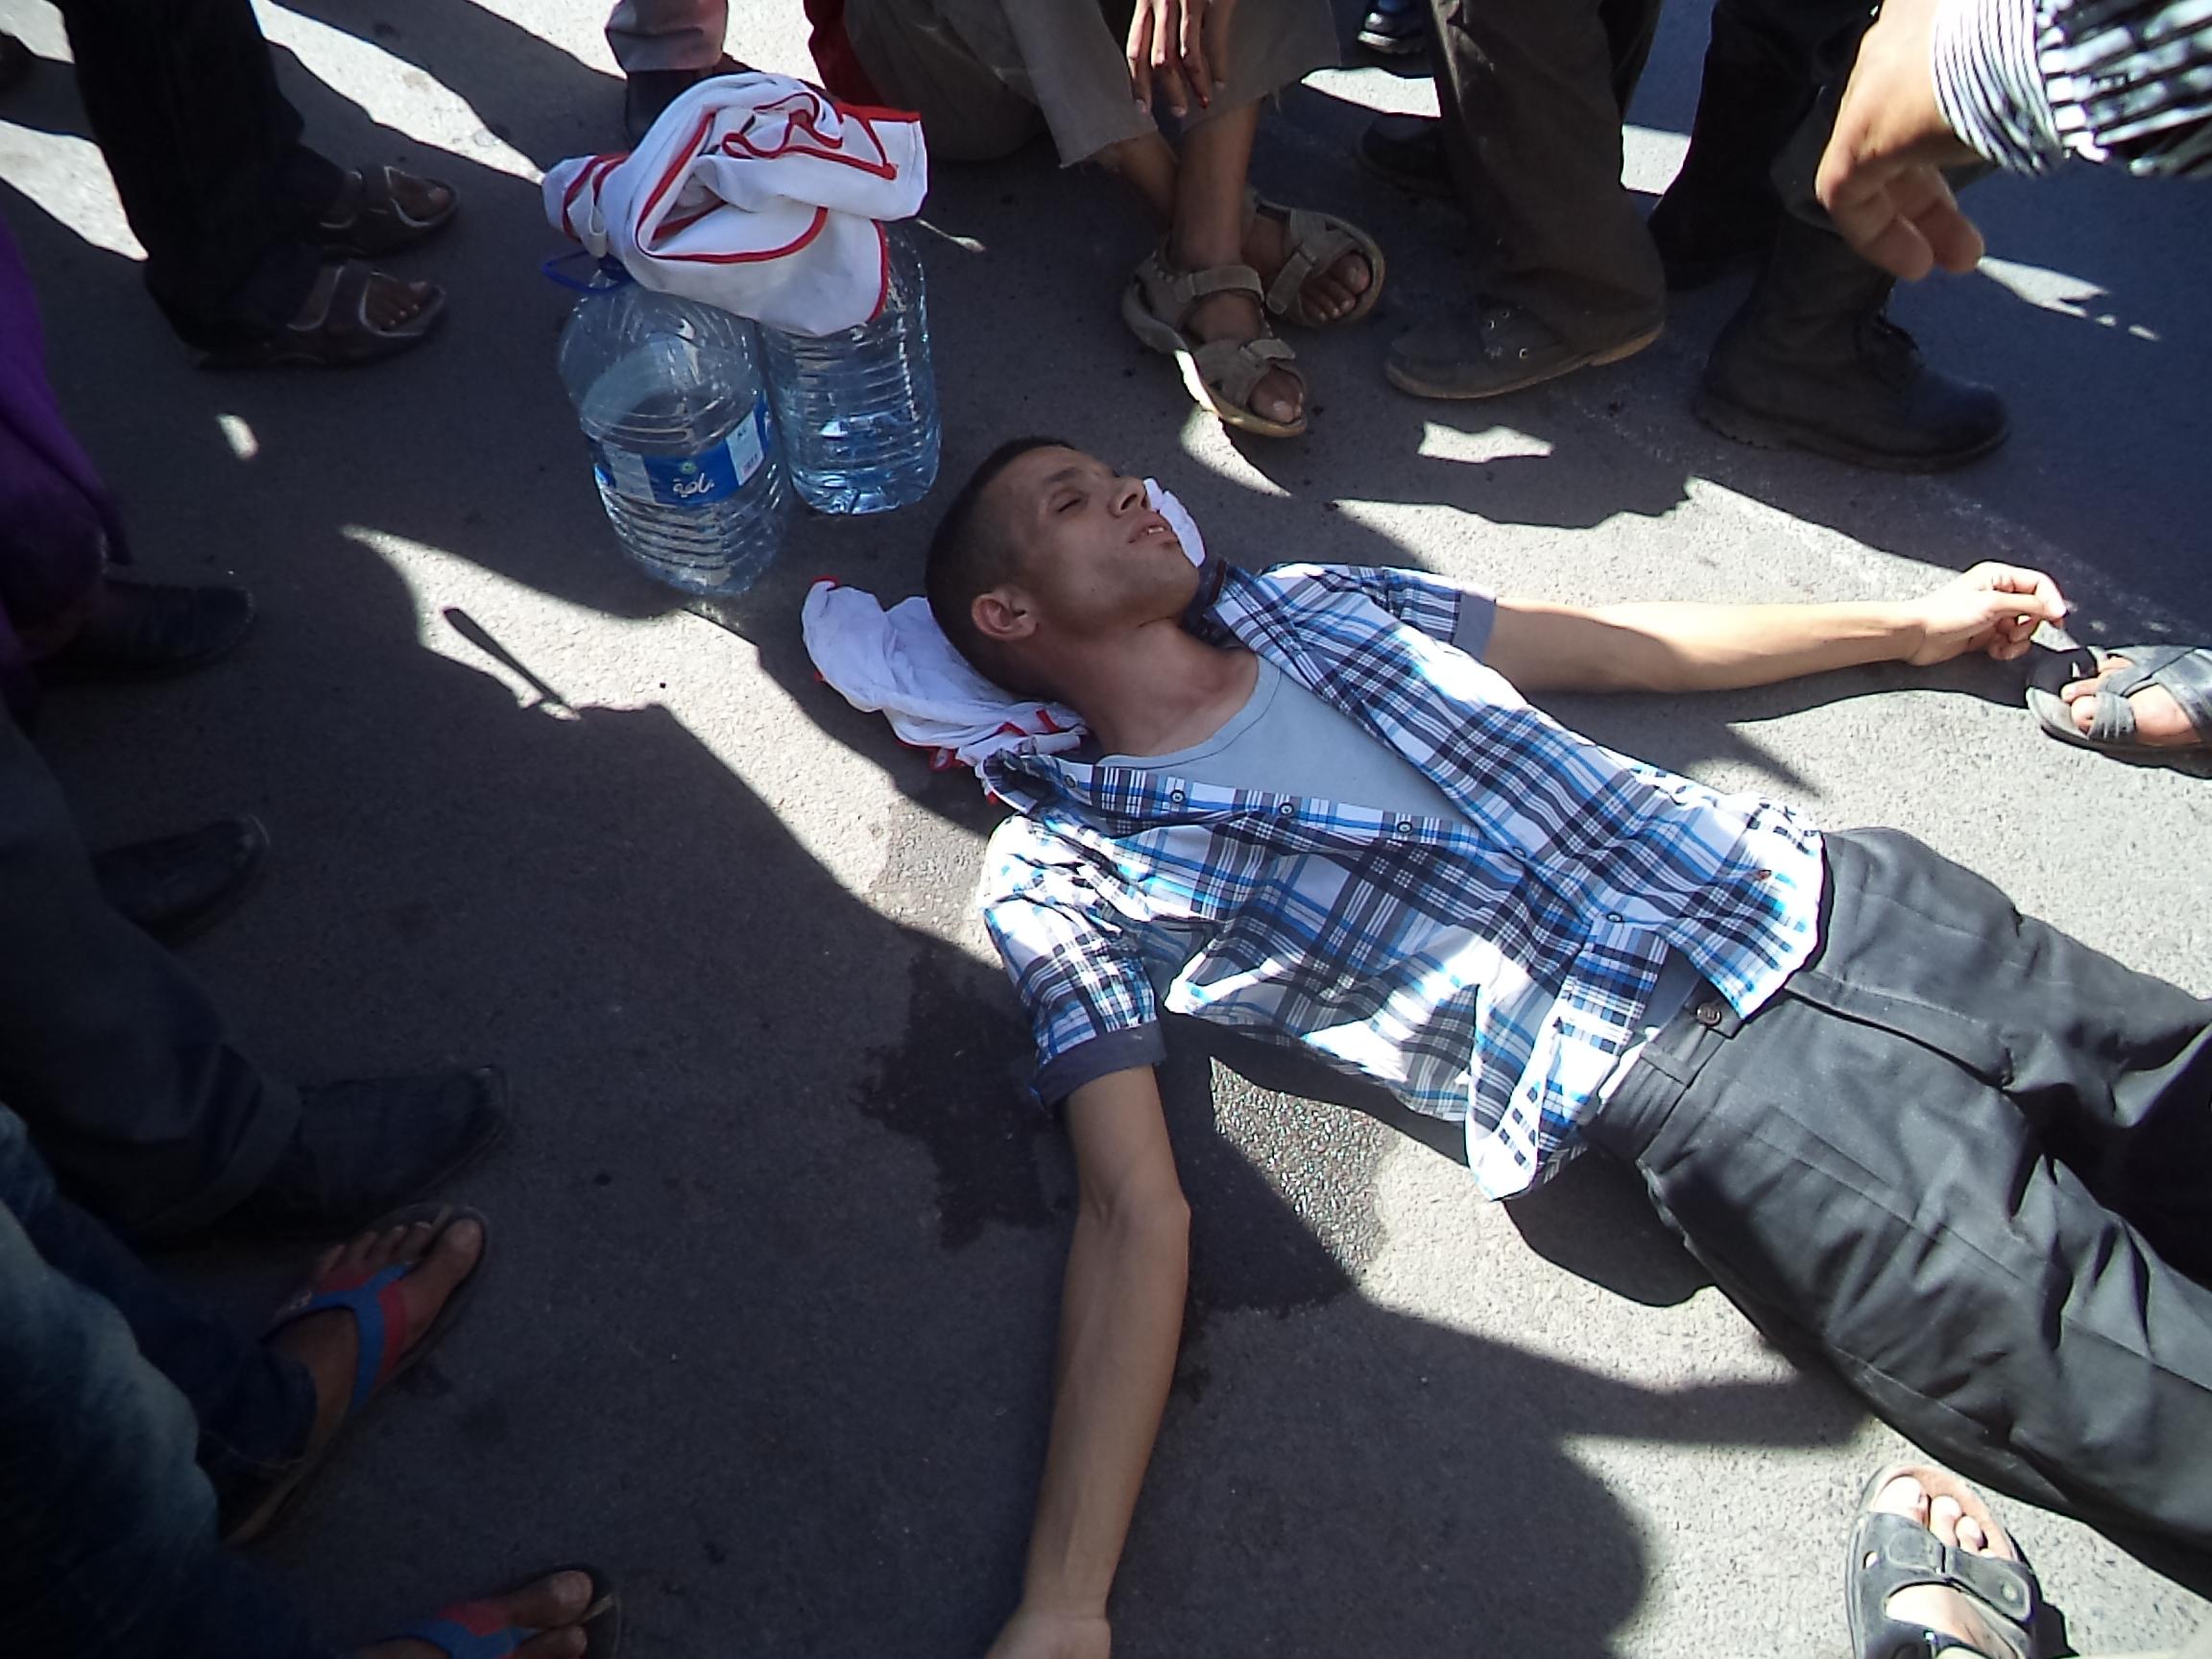 تدخل القوات العمومية لتفريق احتجاجات  الجمعية الوطنية وساكنة الوداديات المتضررة